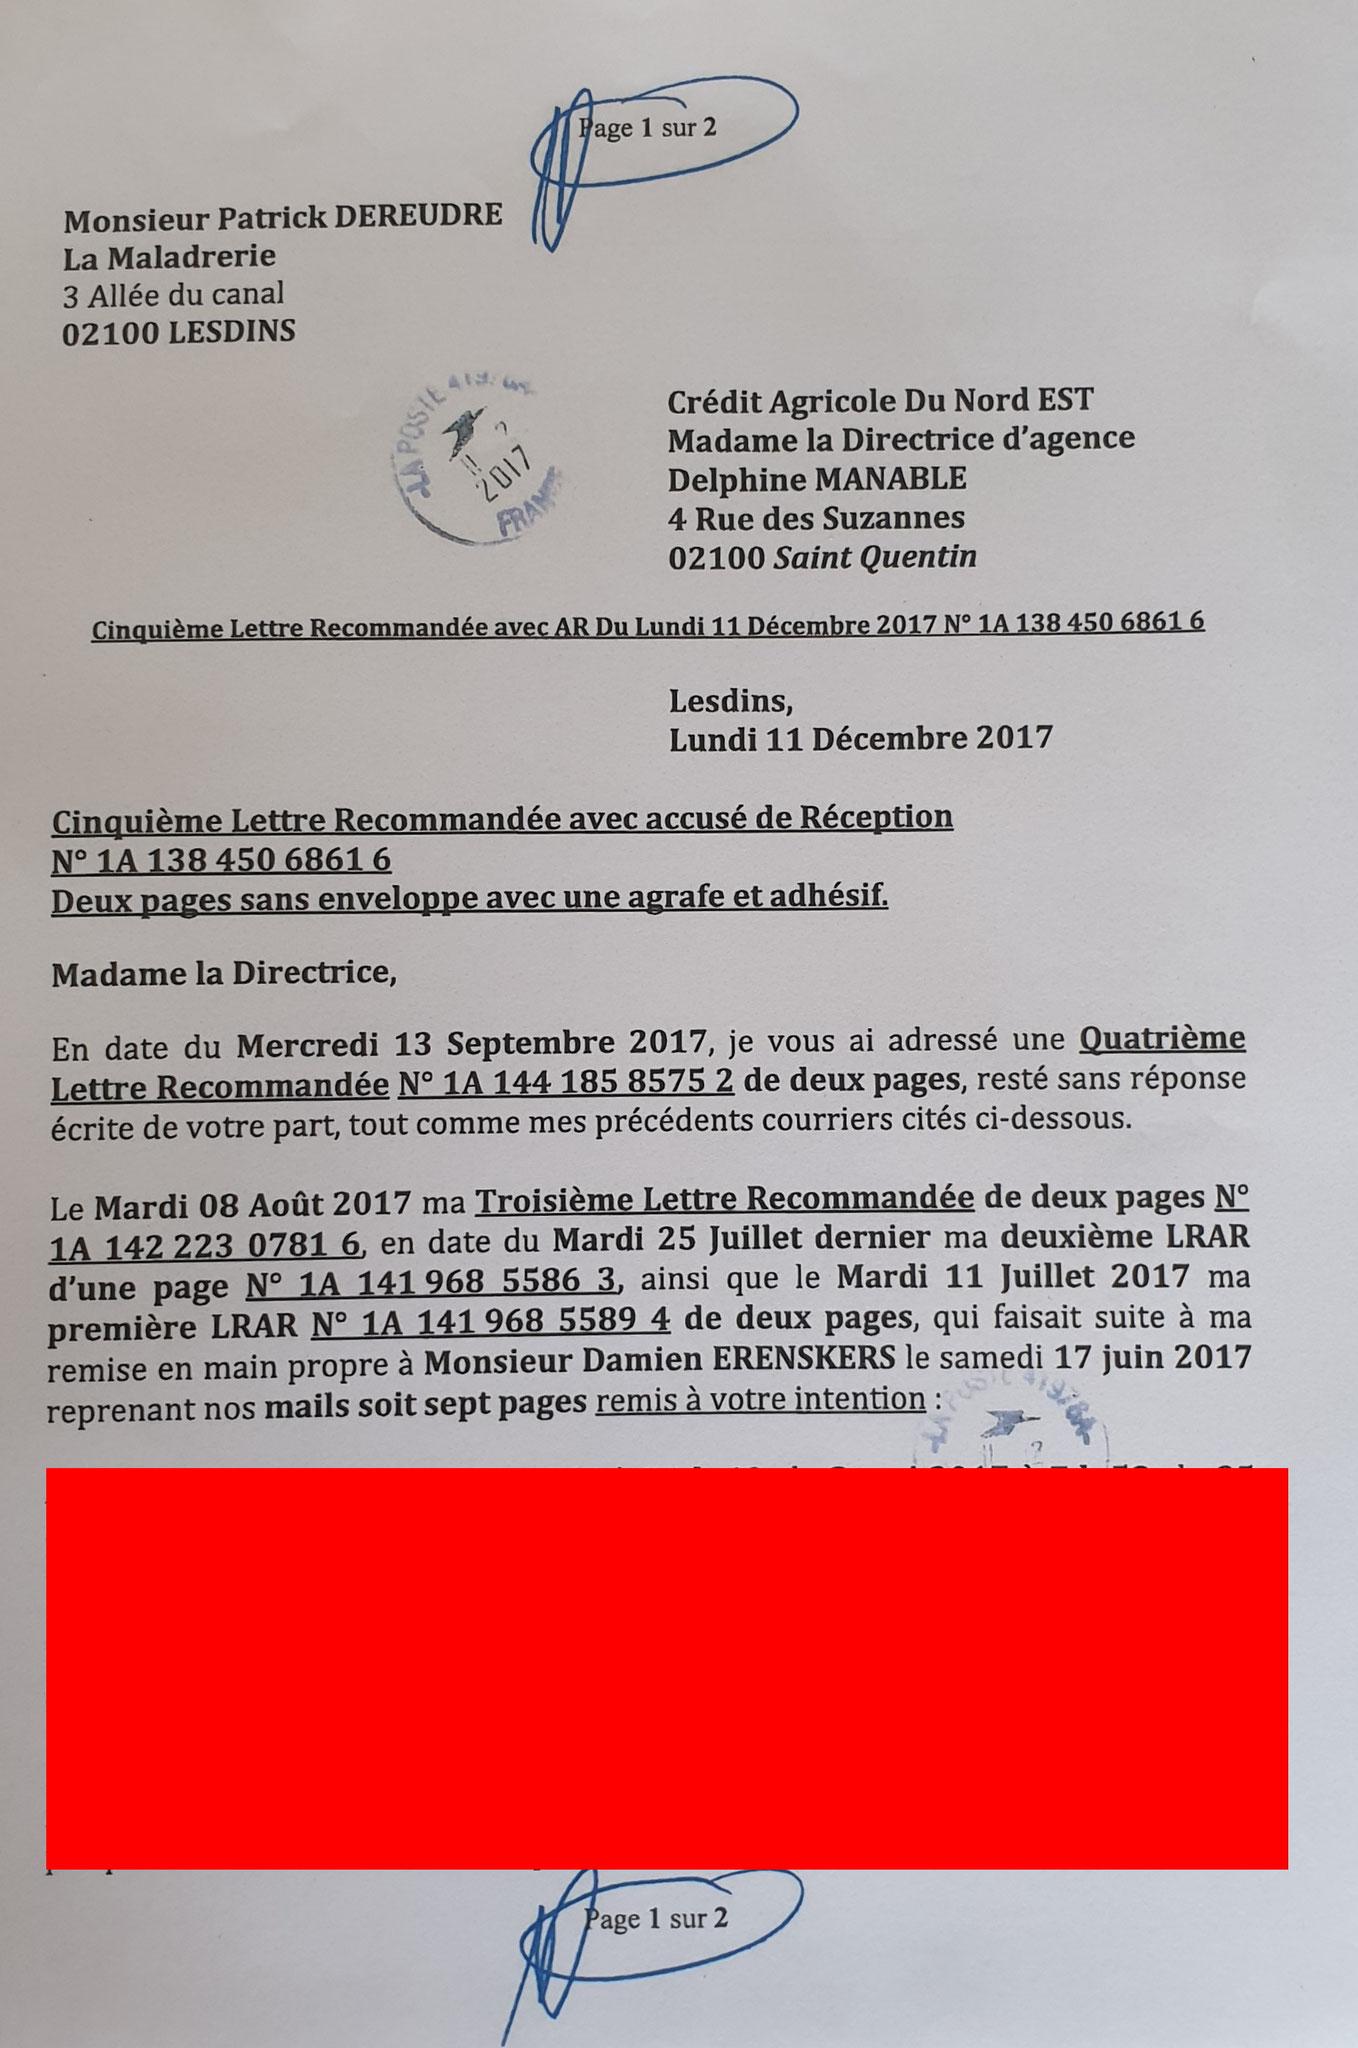 Ma cinquième lettre recommandée du 11 décembre 2017 N0 1A 138 450 6861 6 soit deux pages. www.jesuispatrick.fr